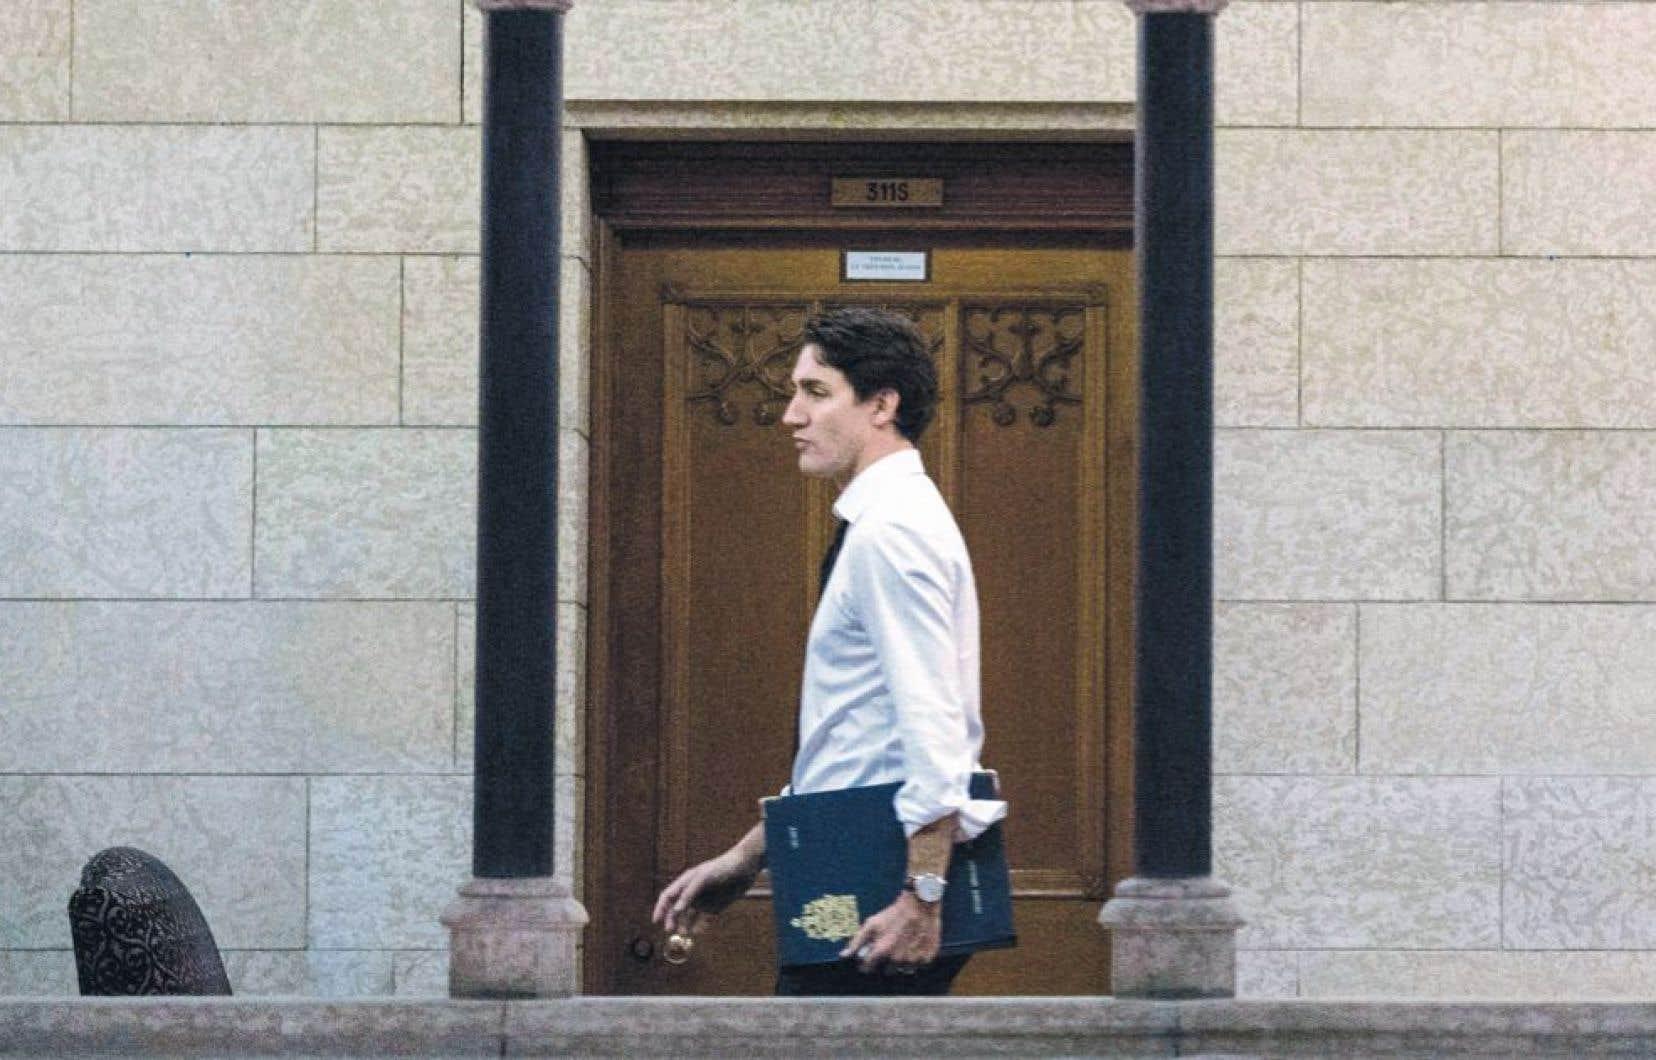 Le temps des décisions approche pour le premier ministre, Justin Trudeau.